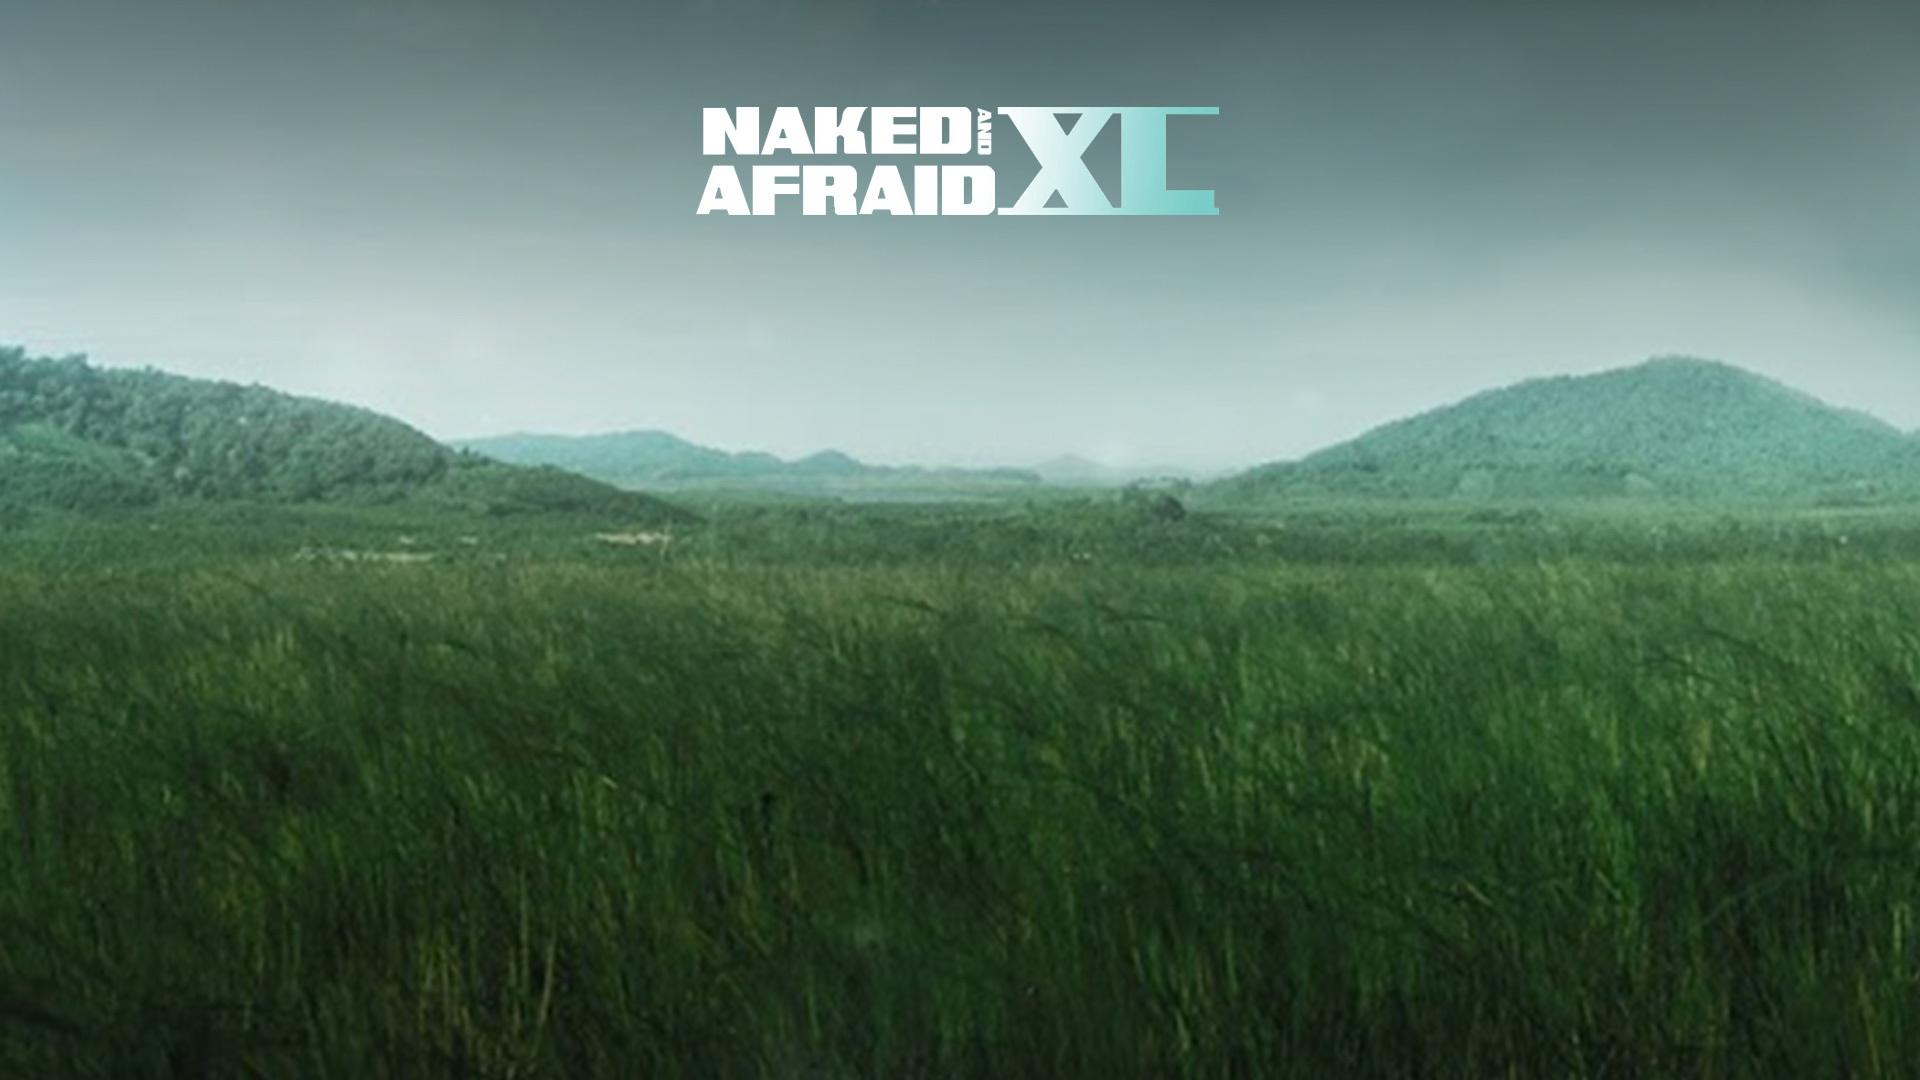 Naked and Afraid XL Season 1